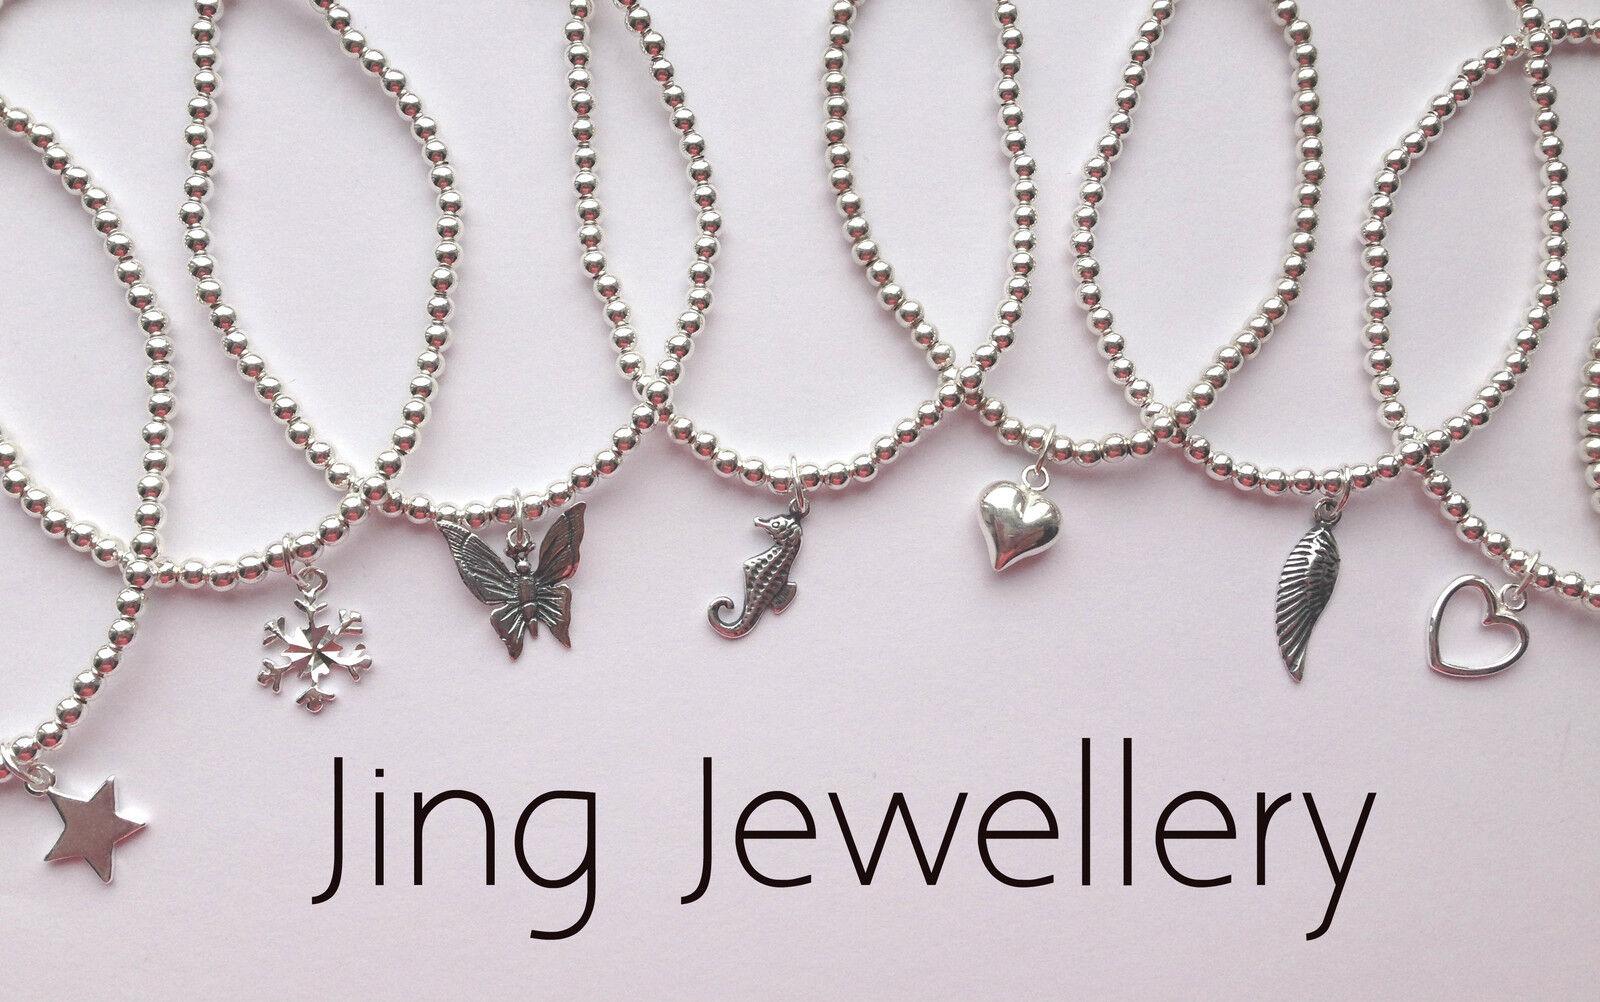 Jing Jewellery